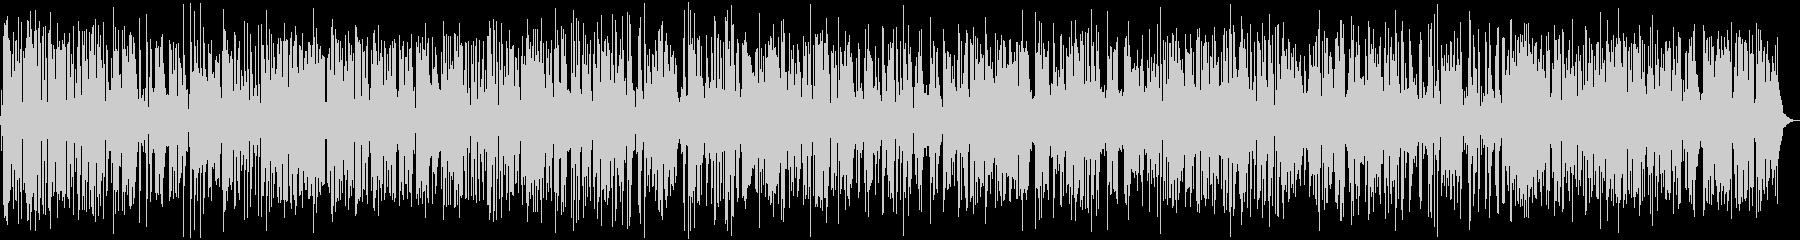 ジャズピアノのおしゃれカフェBGMの未再生の波形